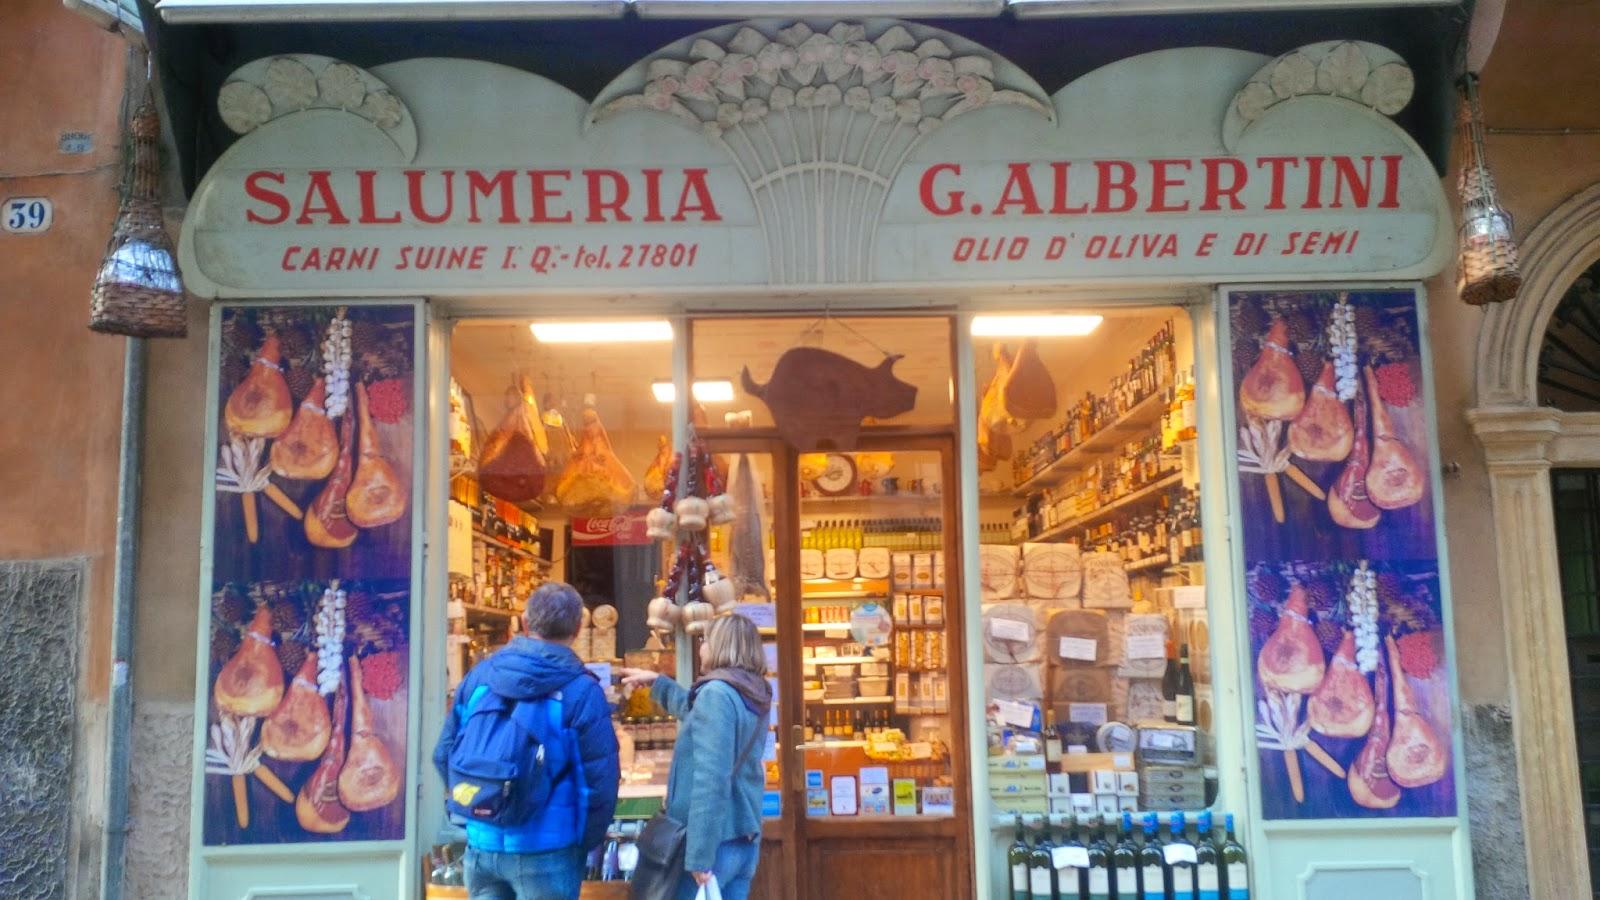 A local deli in Verona